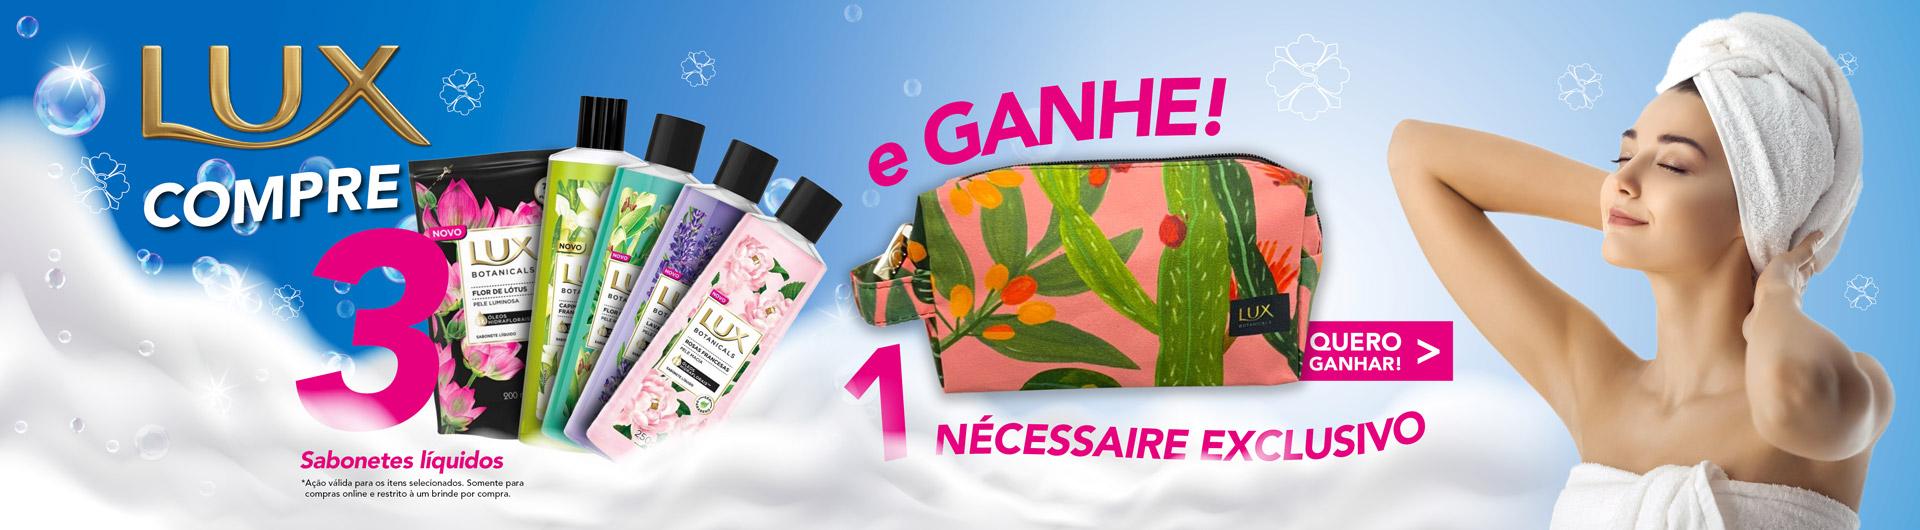 Sabonete Líquido Lux Ganhe Necessaire